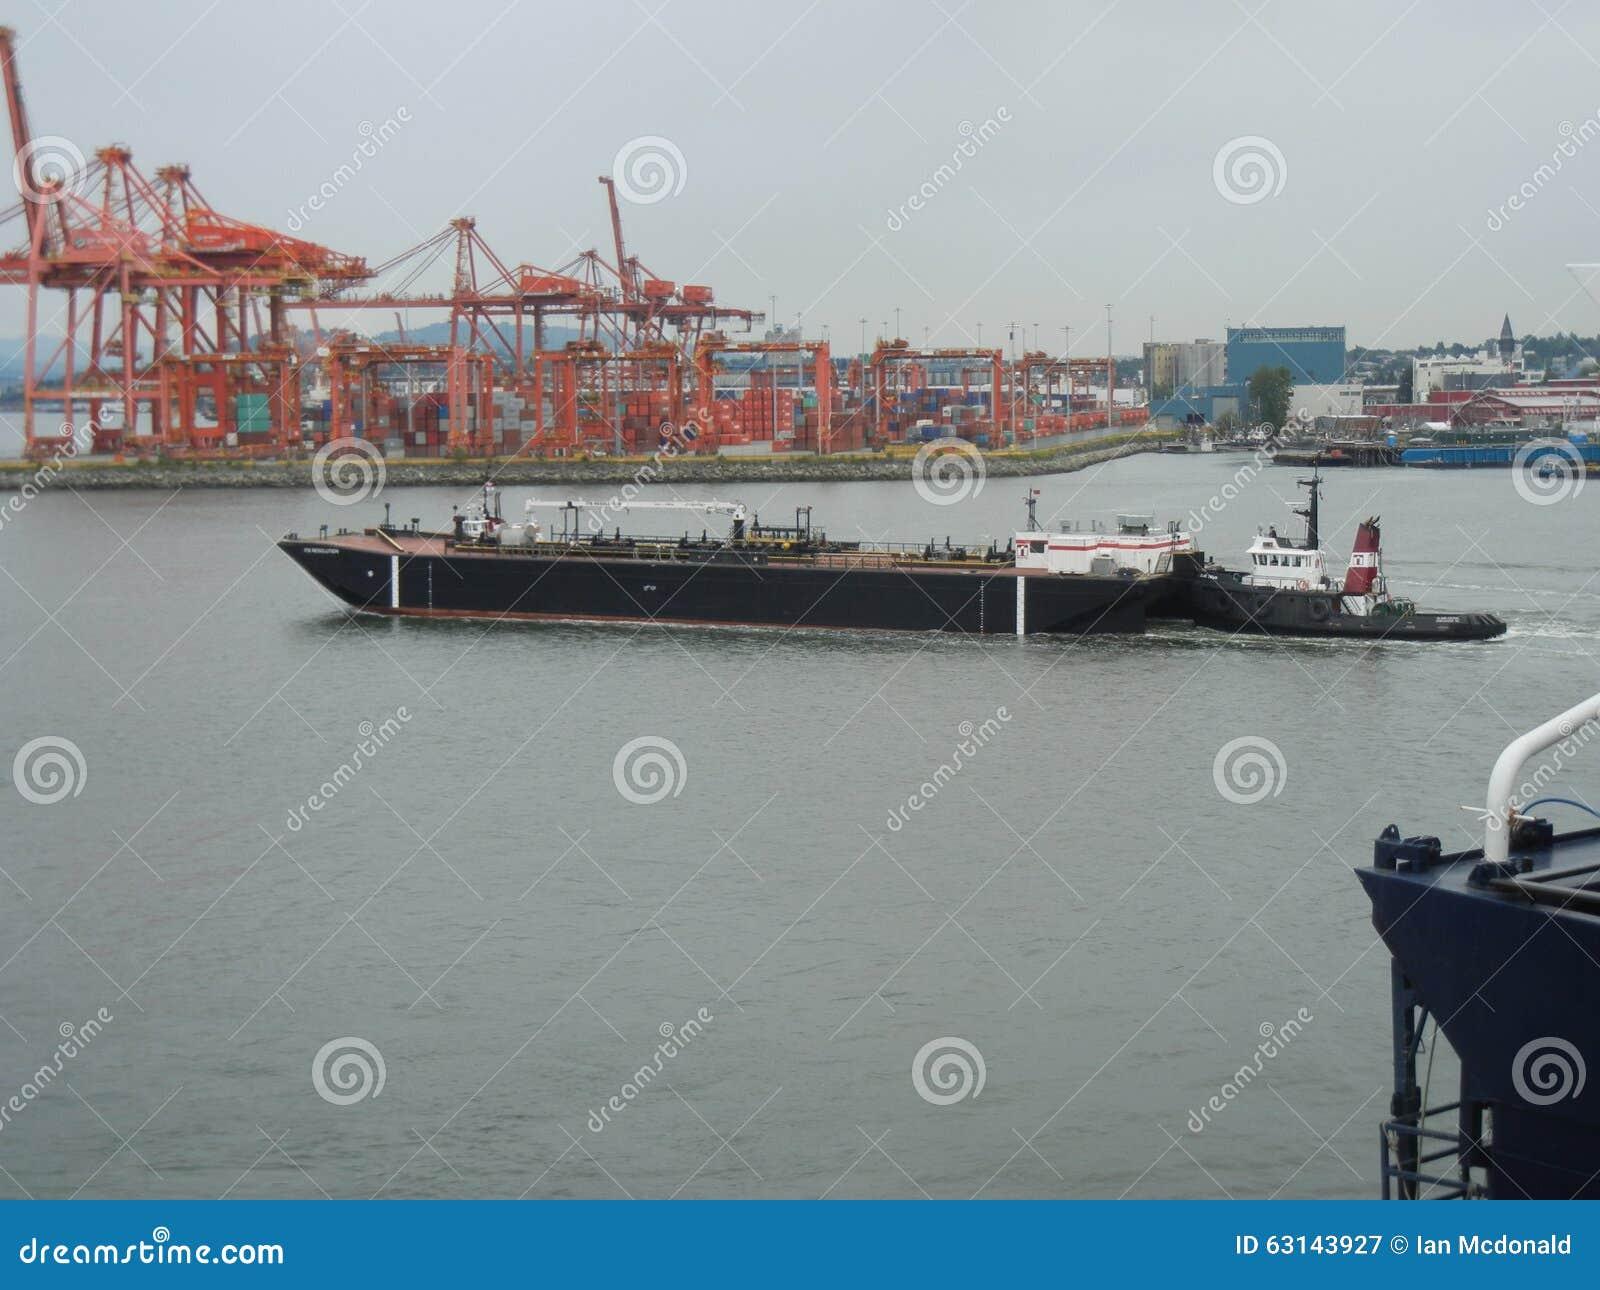 燃料驳船和猛拉小船